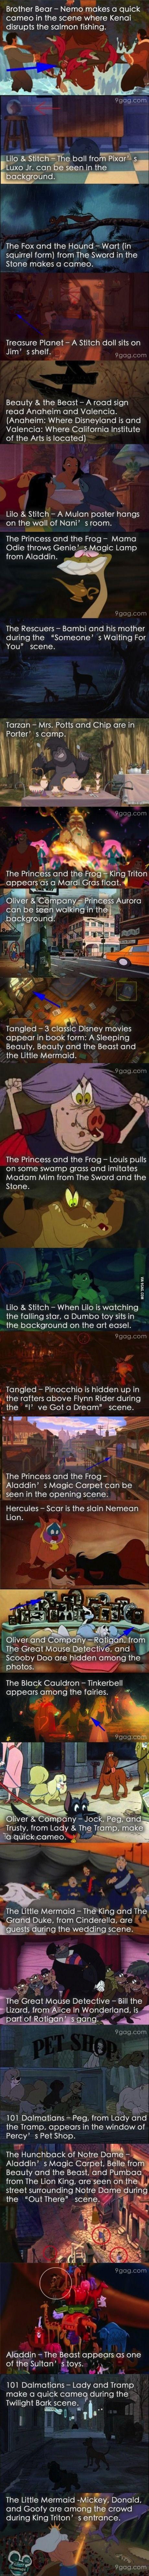 Hidden gems in Disney movies